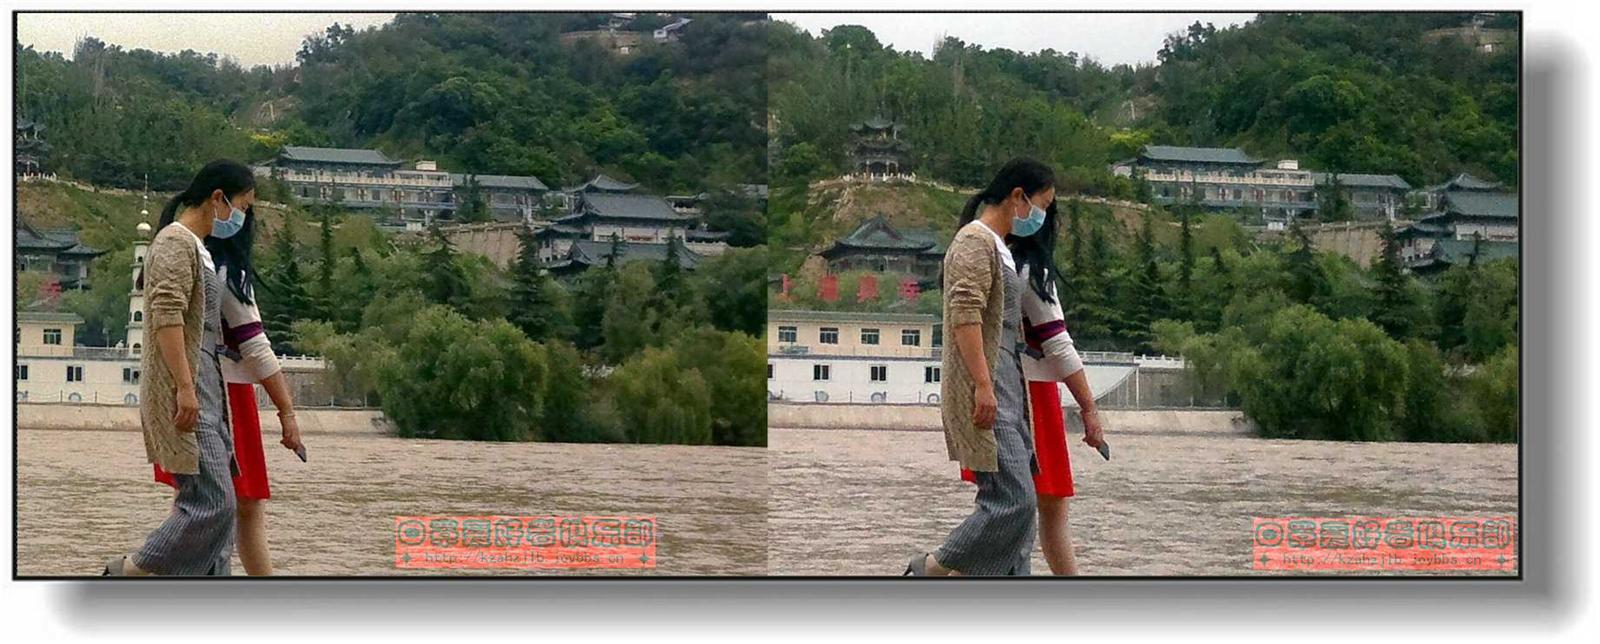 【原创】河边上的抓拍-2